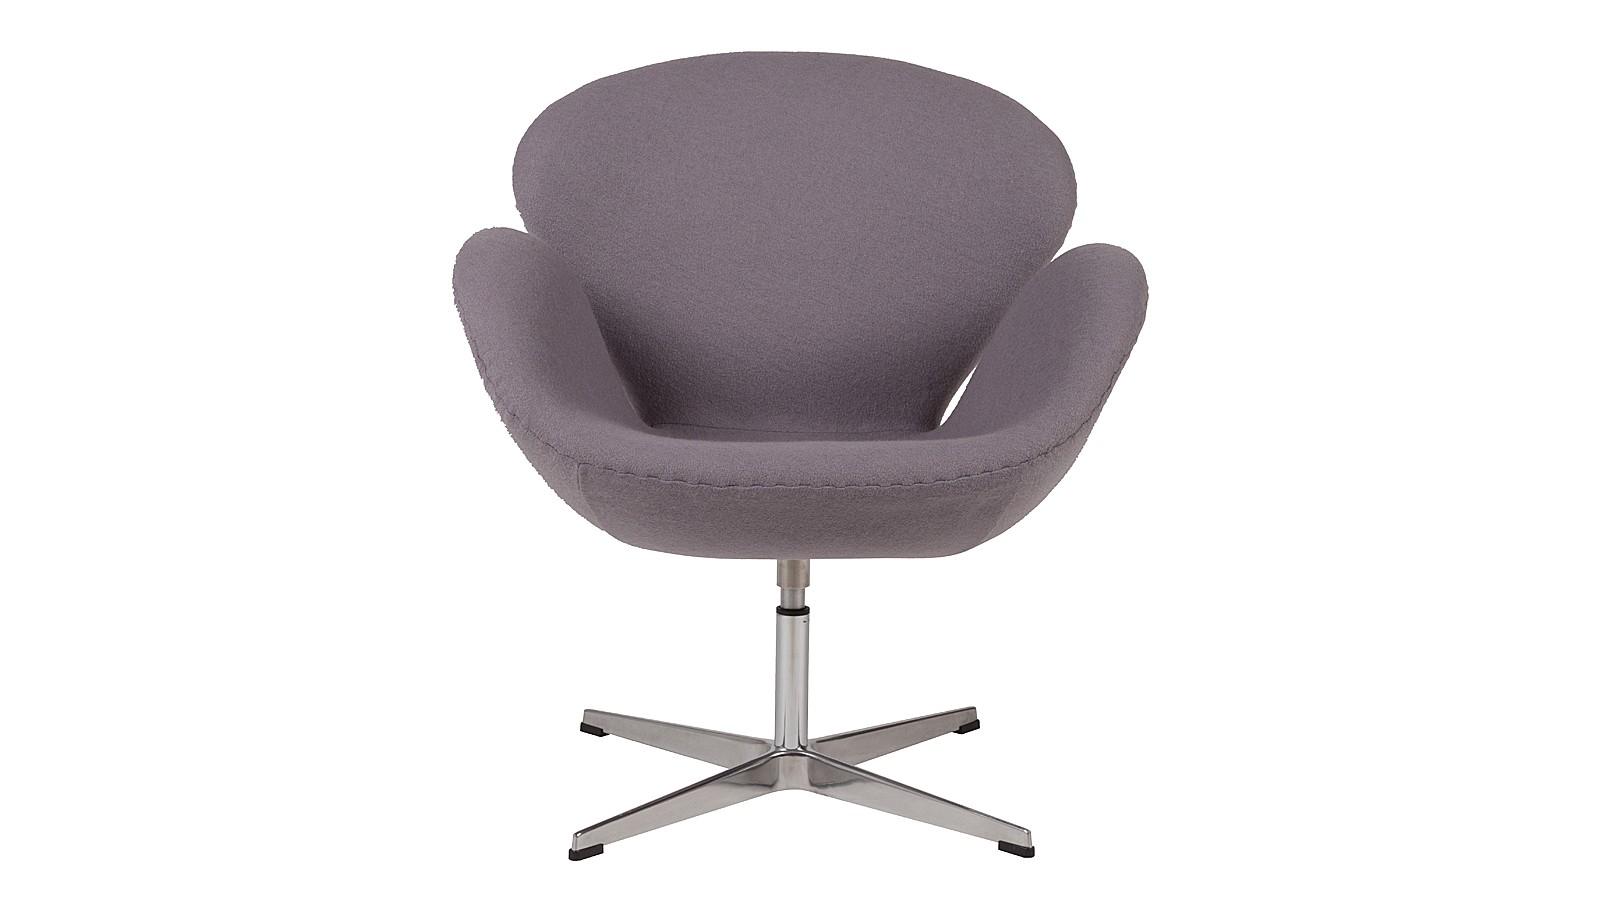 Кресло Swan ChairИнтерьерные кресла<br>&amp;lt;span style=&amp;quot;line-height: 24.9999px;&amp;quot;&amp;gt;Серое кресло &amp;quot;Swan Chair&amp;quot; за свою историю стало иконой стиля. Изначально оно было разработано для общественного интерьера, но, быстро завоевав симпатии ценителей креативной мебели, перекочевало в жилые пространства. Ненавязчивый цвет и мягкая обивка из шерсти делают его идеальным спутником любого интерьера. &amp;amp;nbsp;&amp;lt;/span&amp;gt;<br><br>Material: Шерсть<br>Width см: 70<br>Depth см: 71<br>Height см: 78